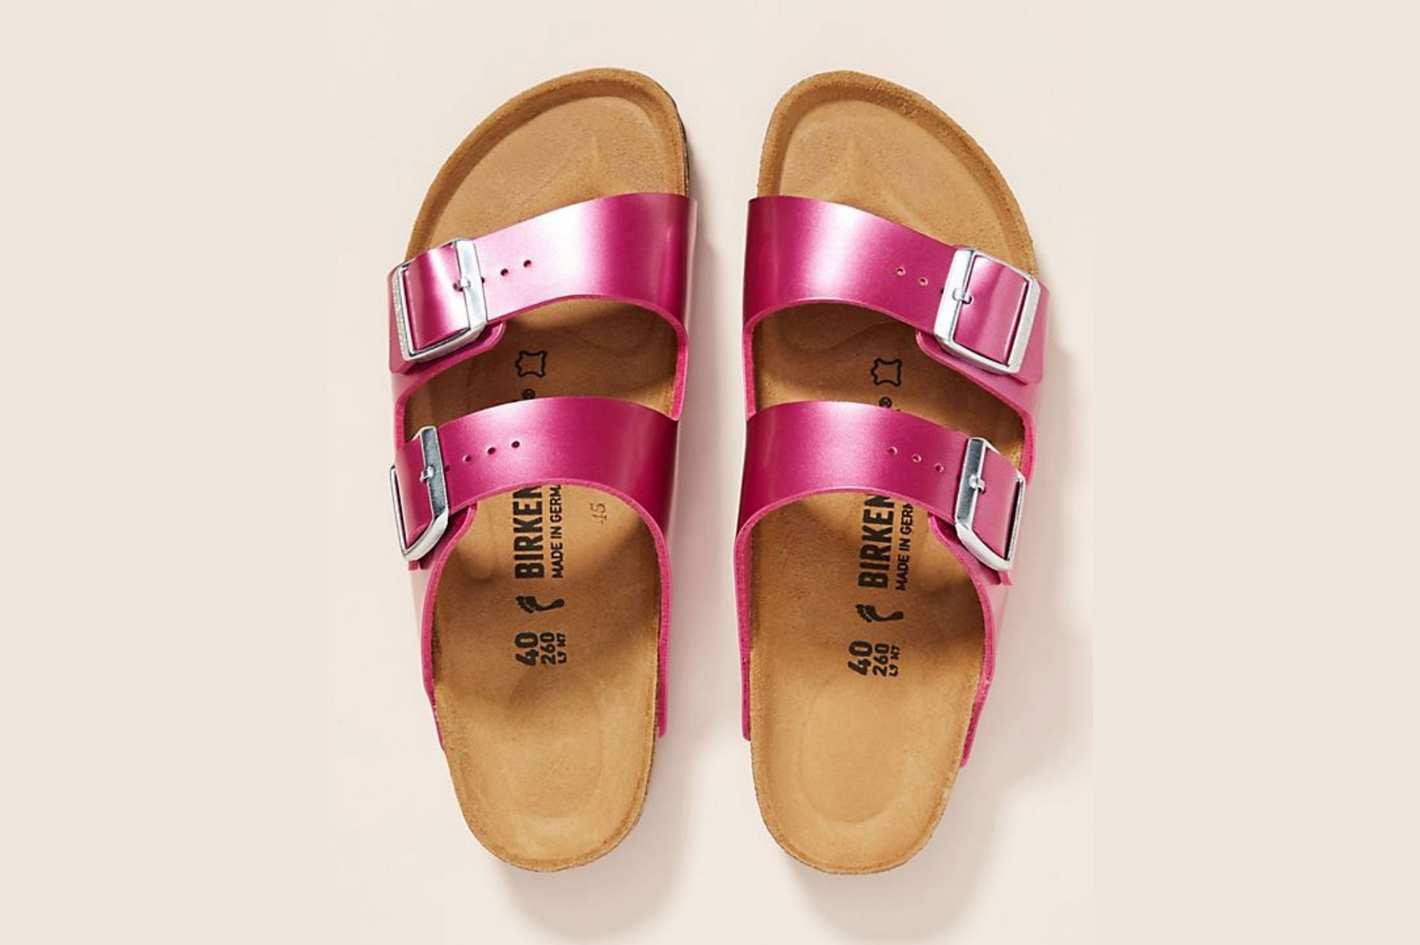 Birkenstock Metallic Arizona Sandals